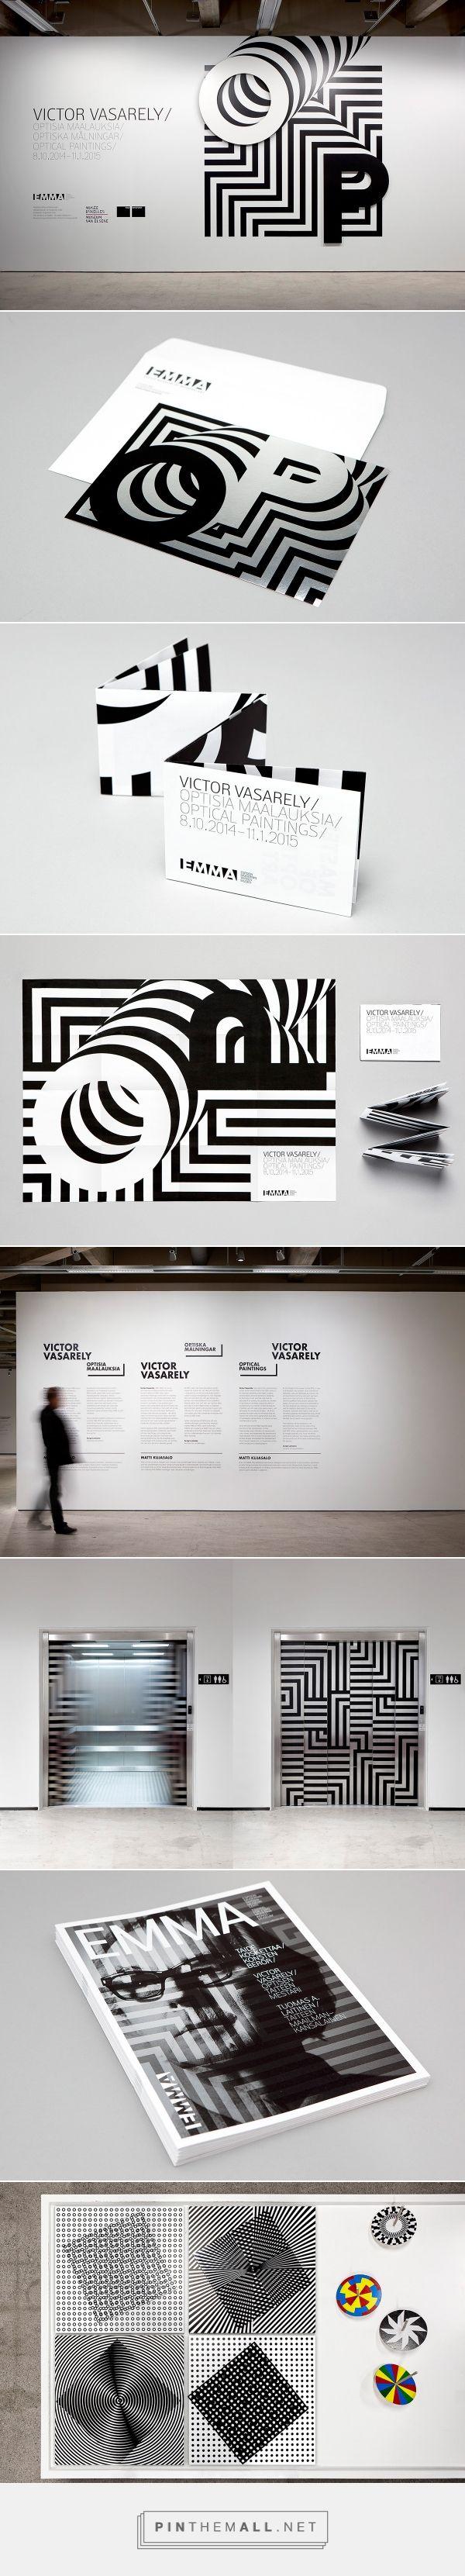 Victor Vasarely Exhibition design